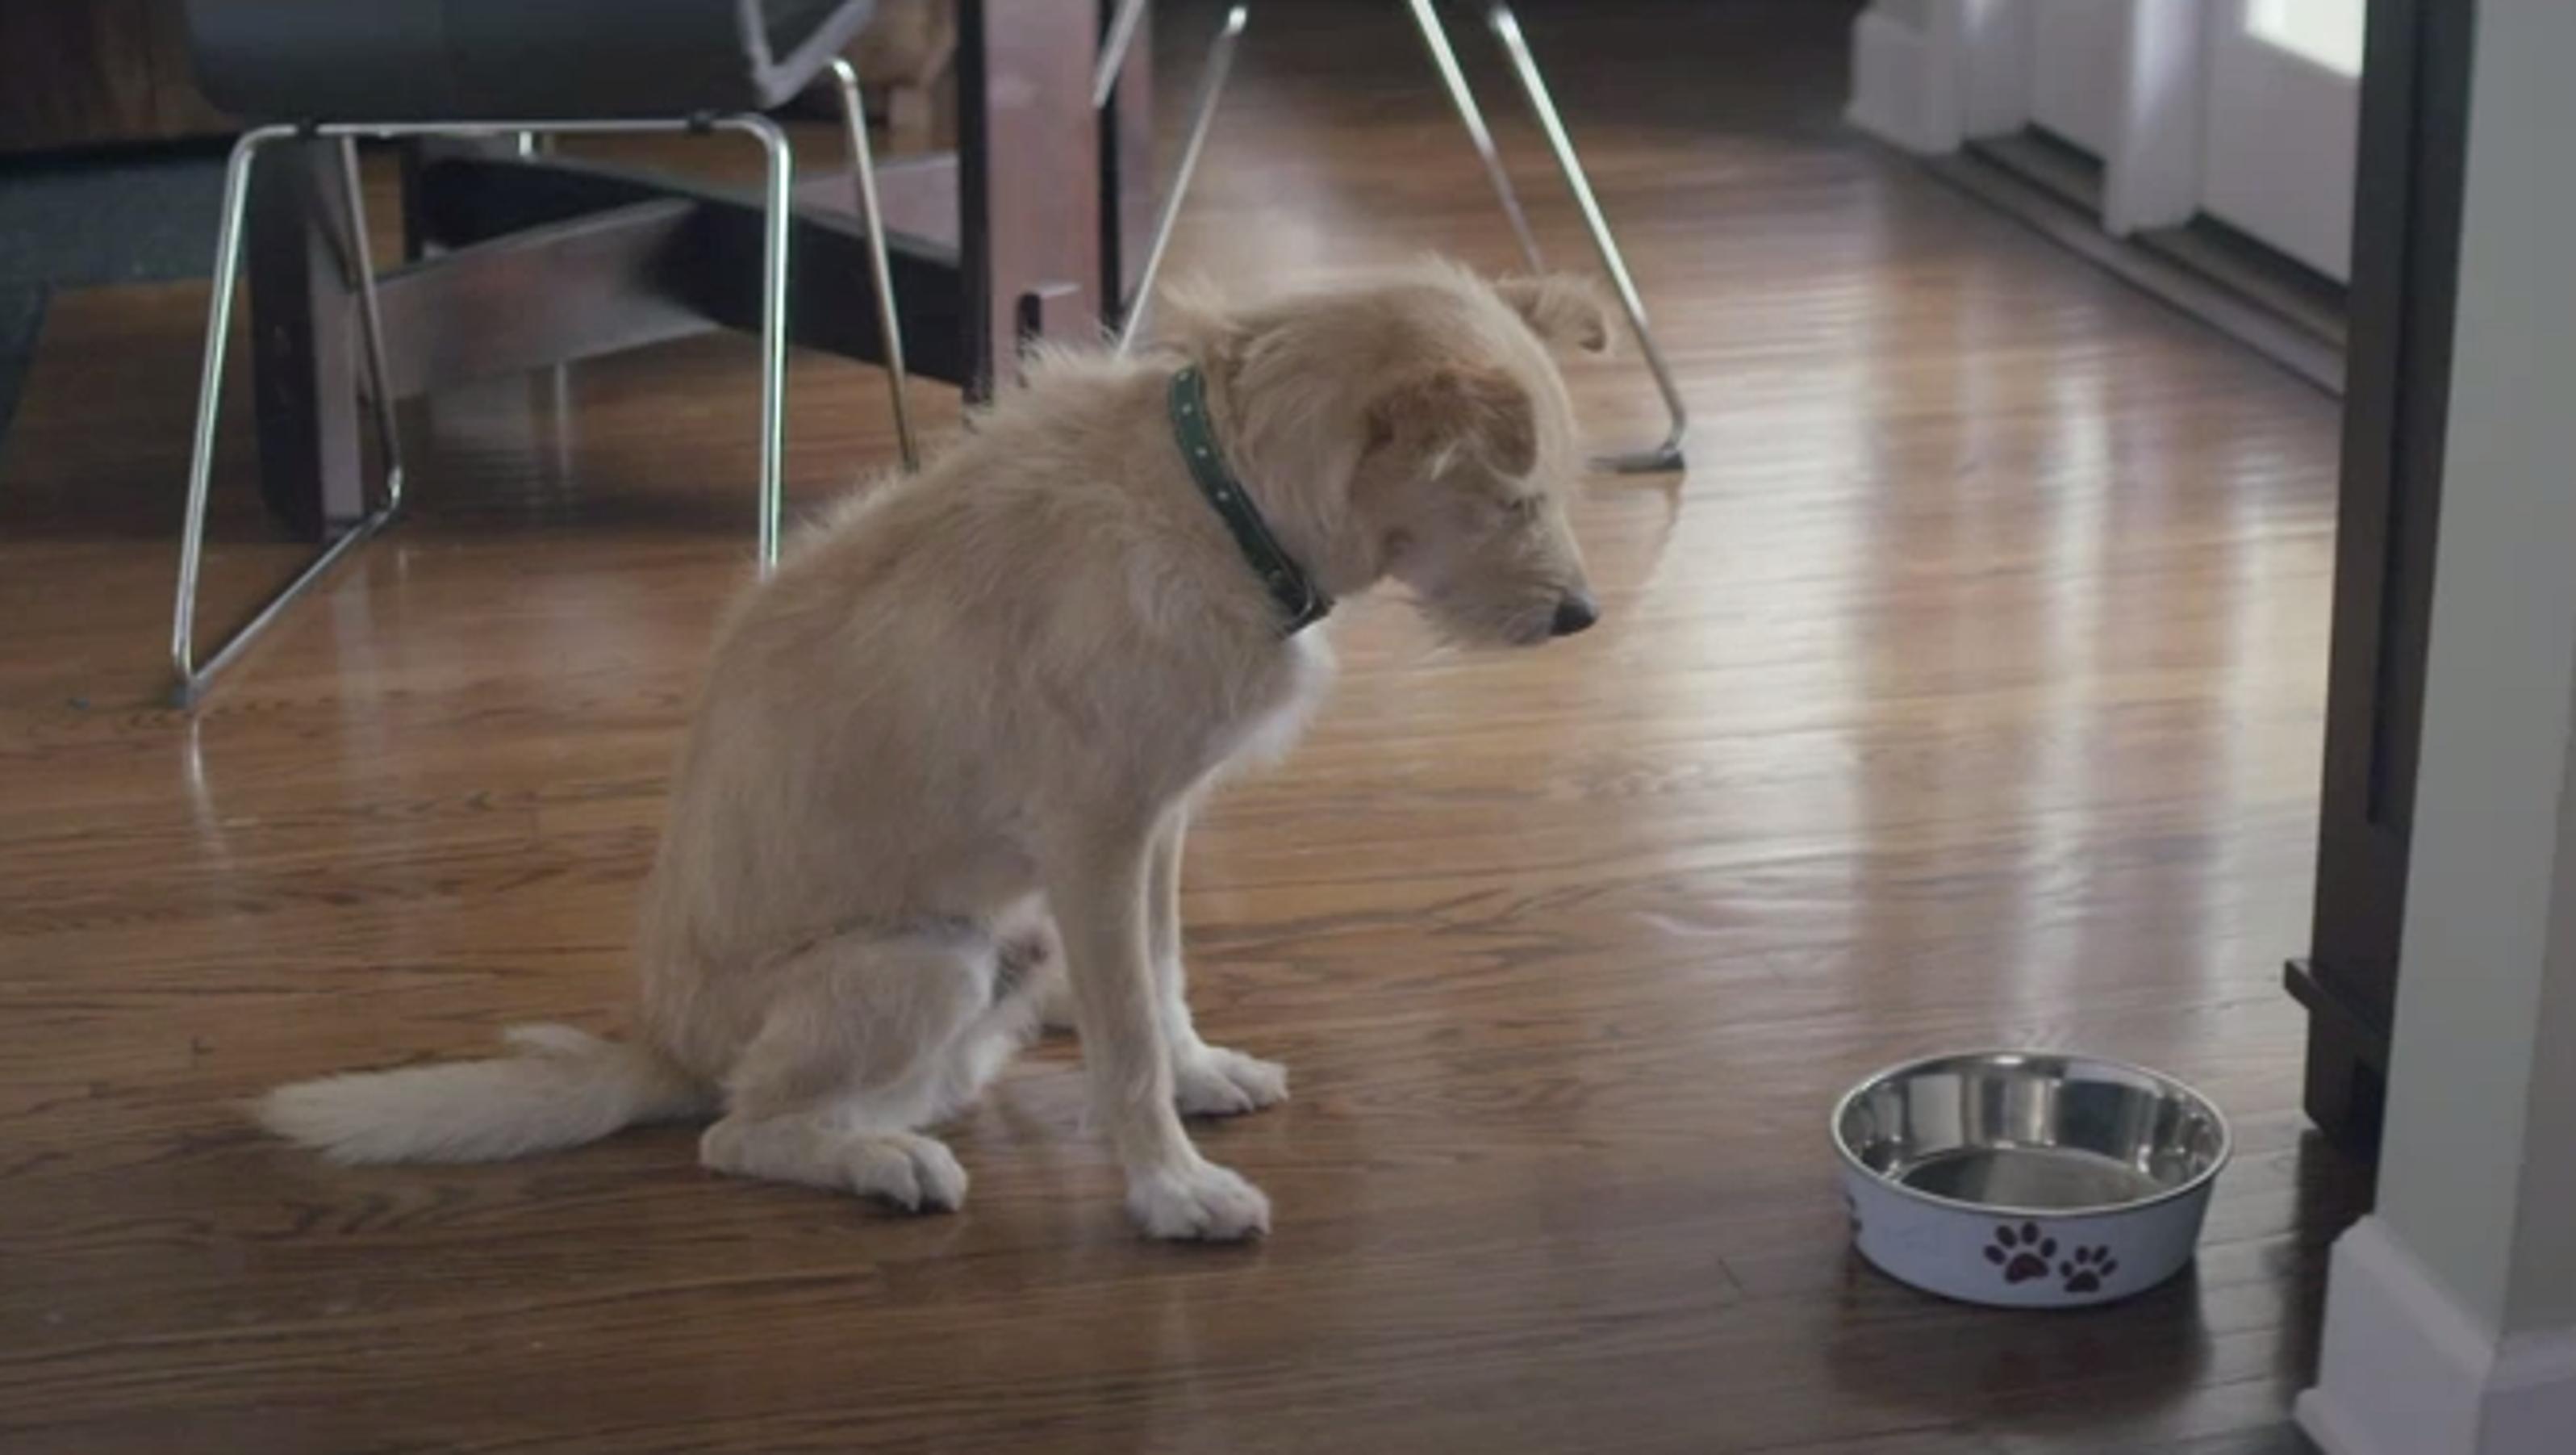 Sad Ads - Sad Dog